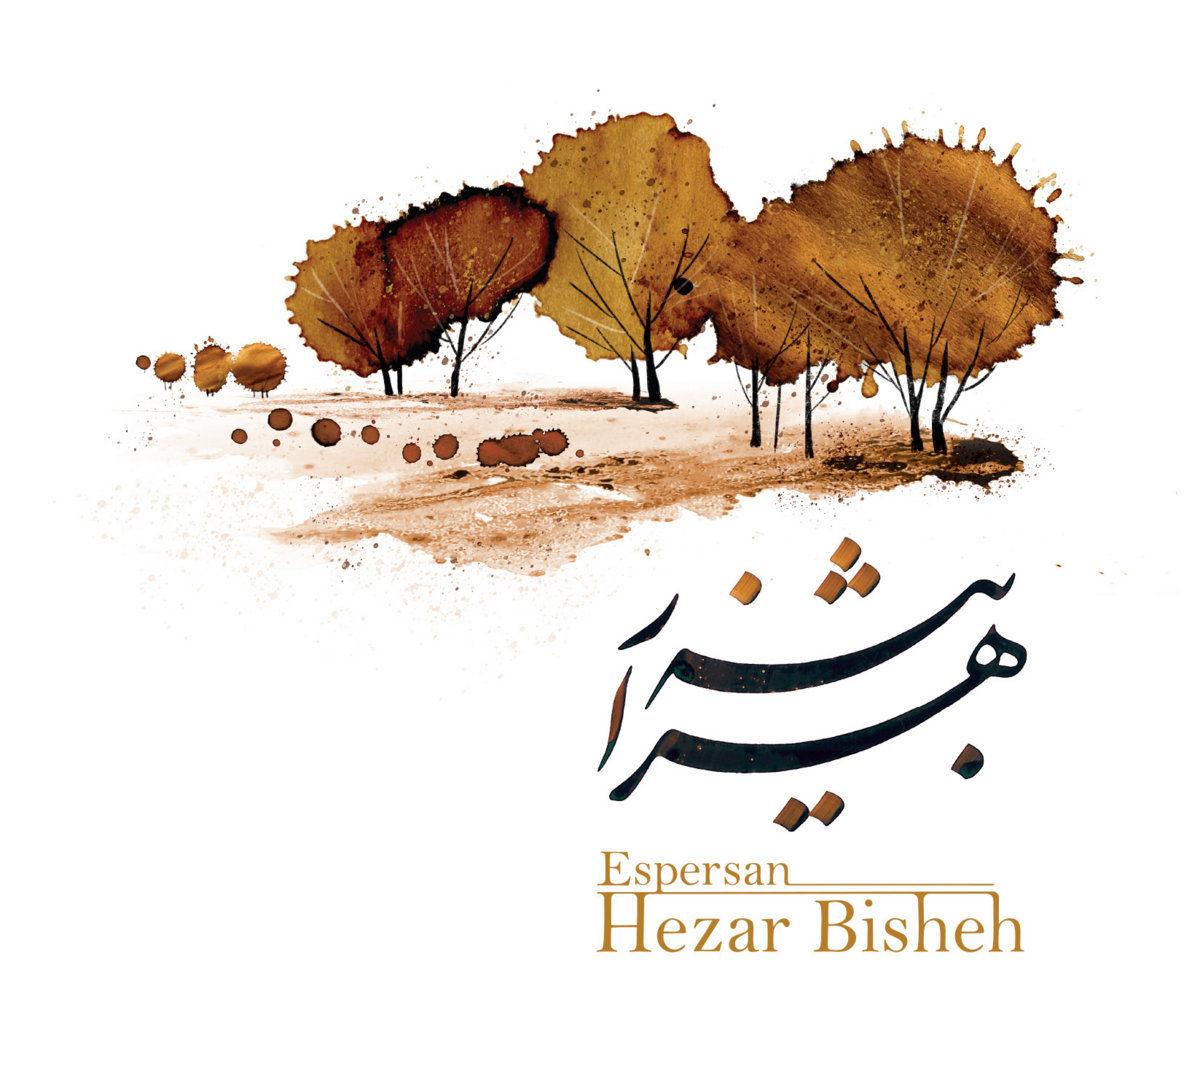 Epersan Hezar Bisheh